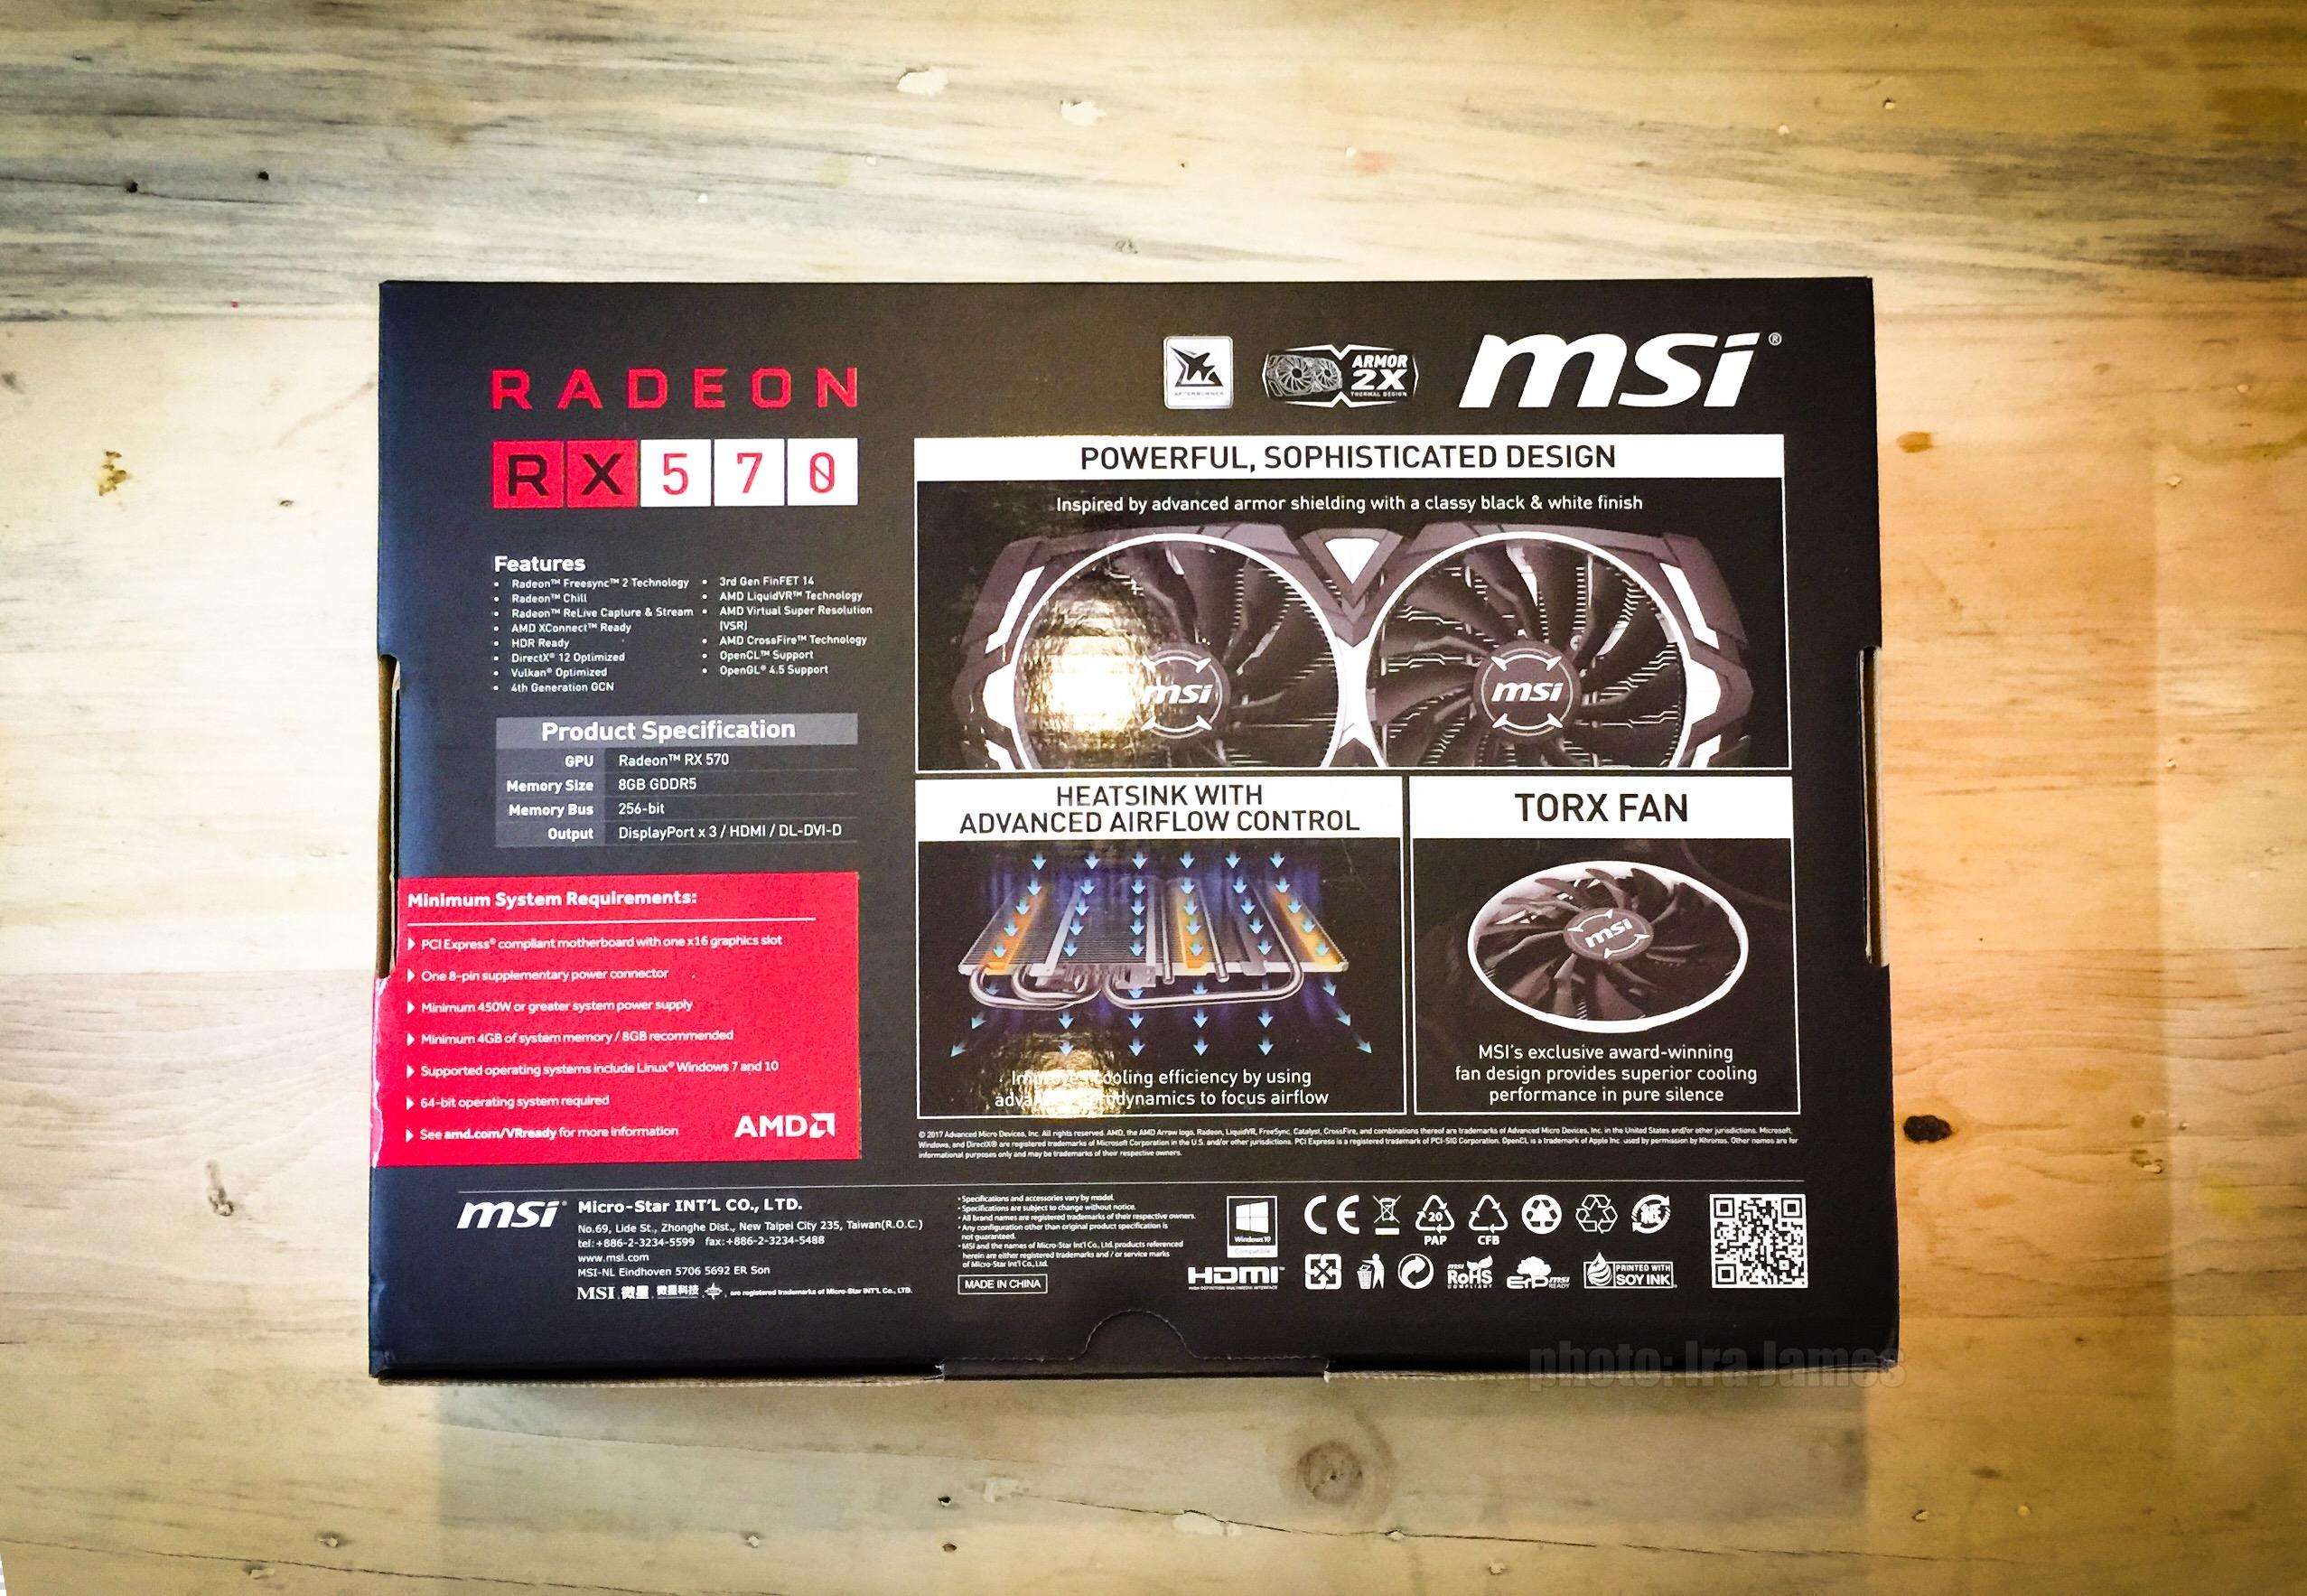 Msi radeon rx 570 drivers | MSI Radeon RX 570 Armor card not working